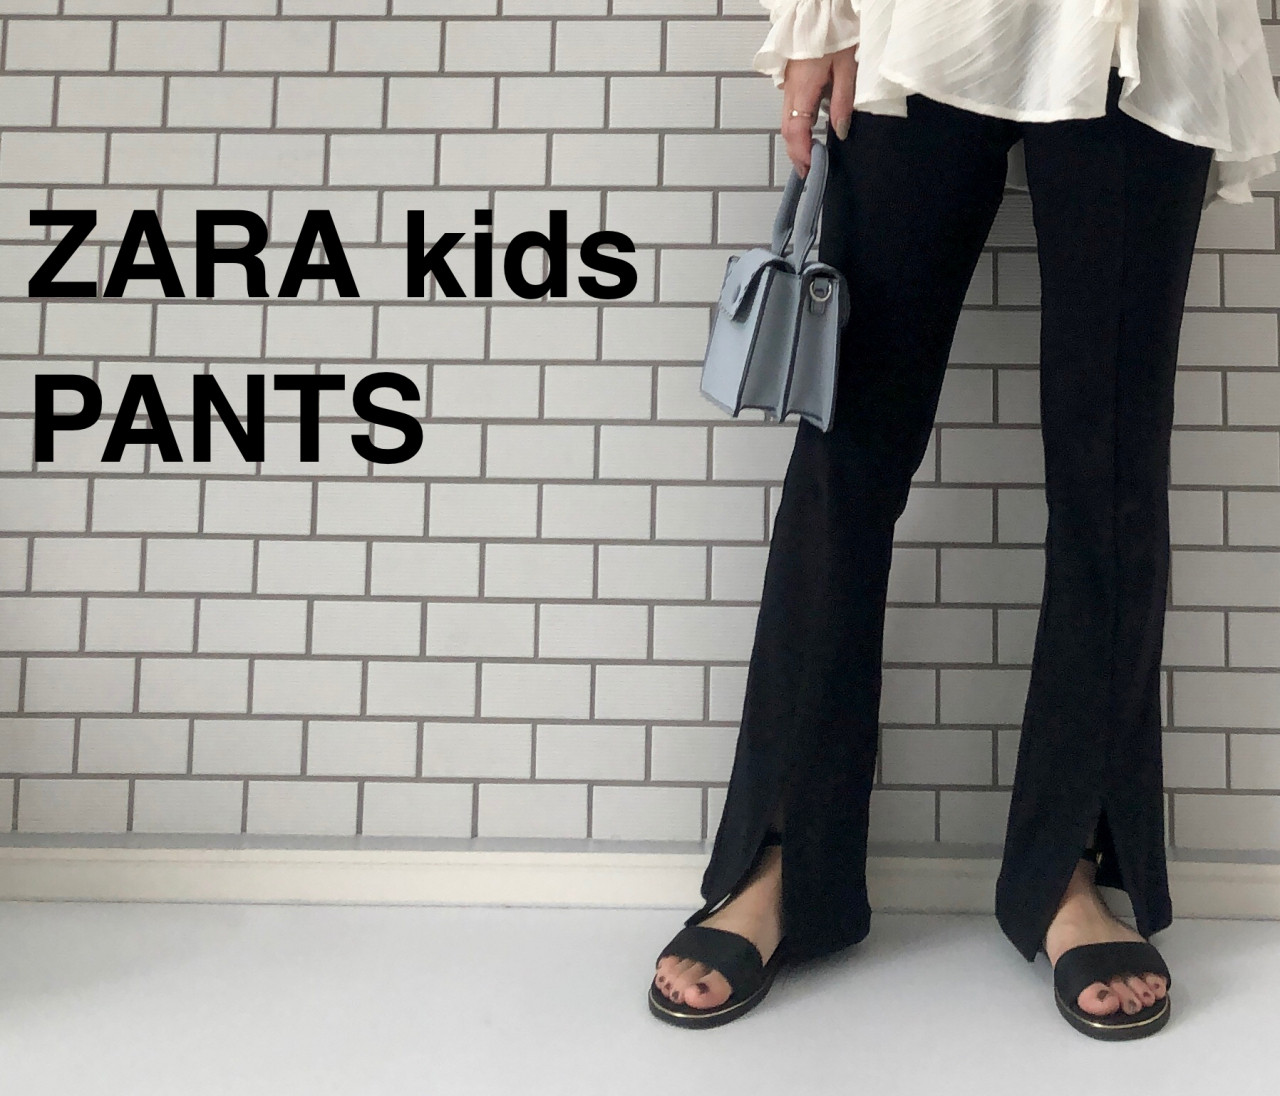 【ZARA kids(ザラキッズ)】のレギンスパンツが低身長のアラサーにぴったりだった!【身長150cmエディターchiakiの30代おしゃれTIPS】